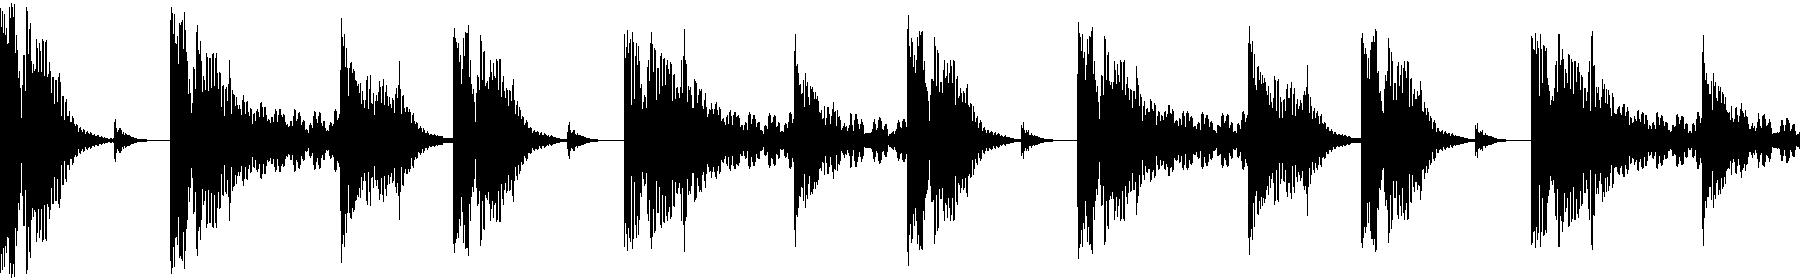 blbc electrodrums 110 02